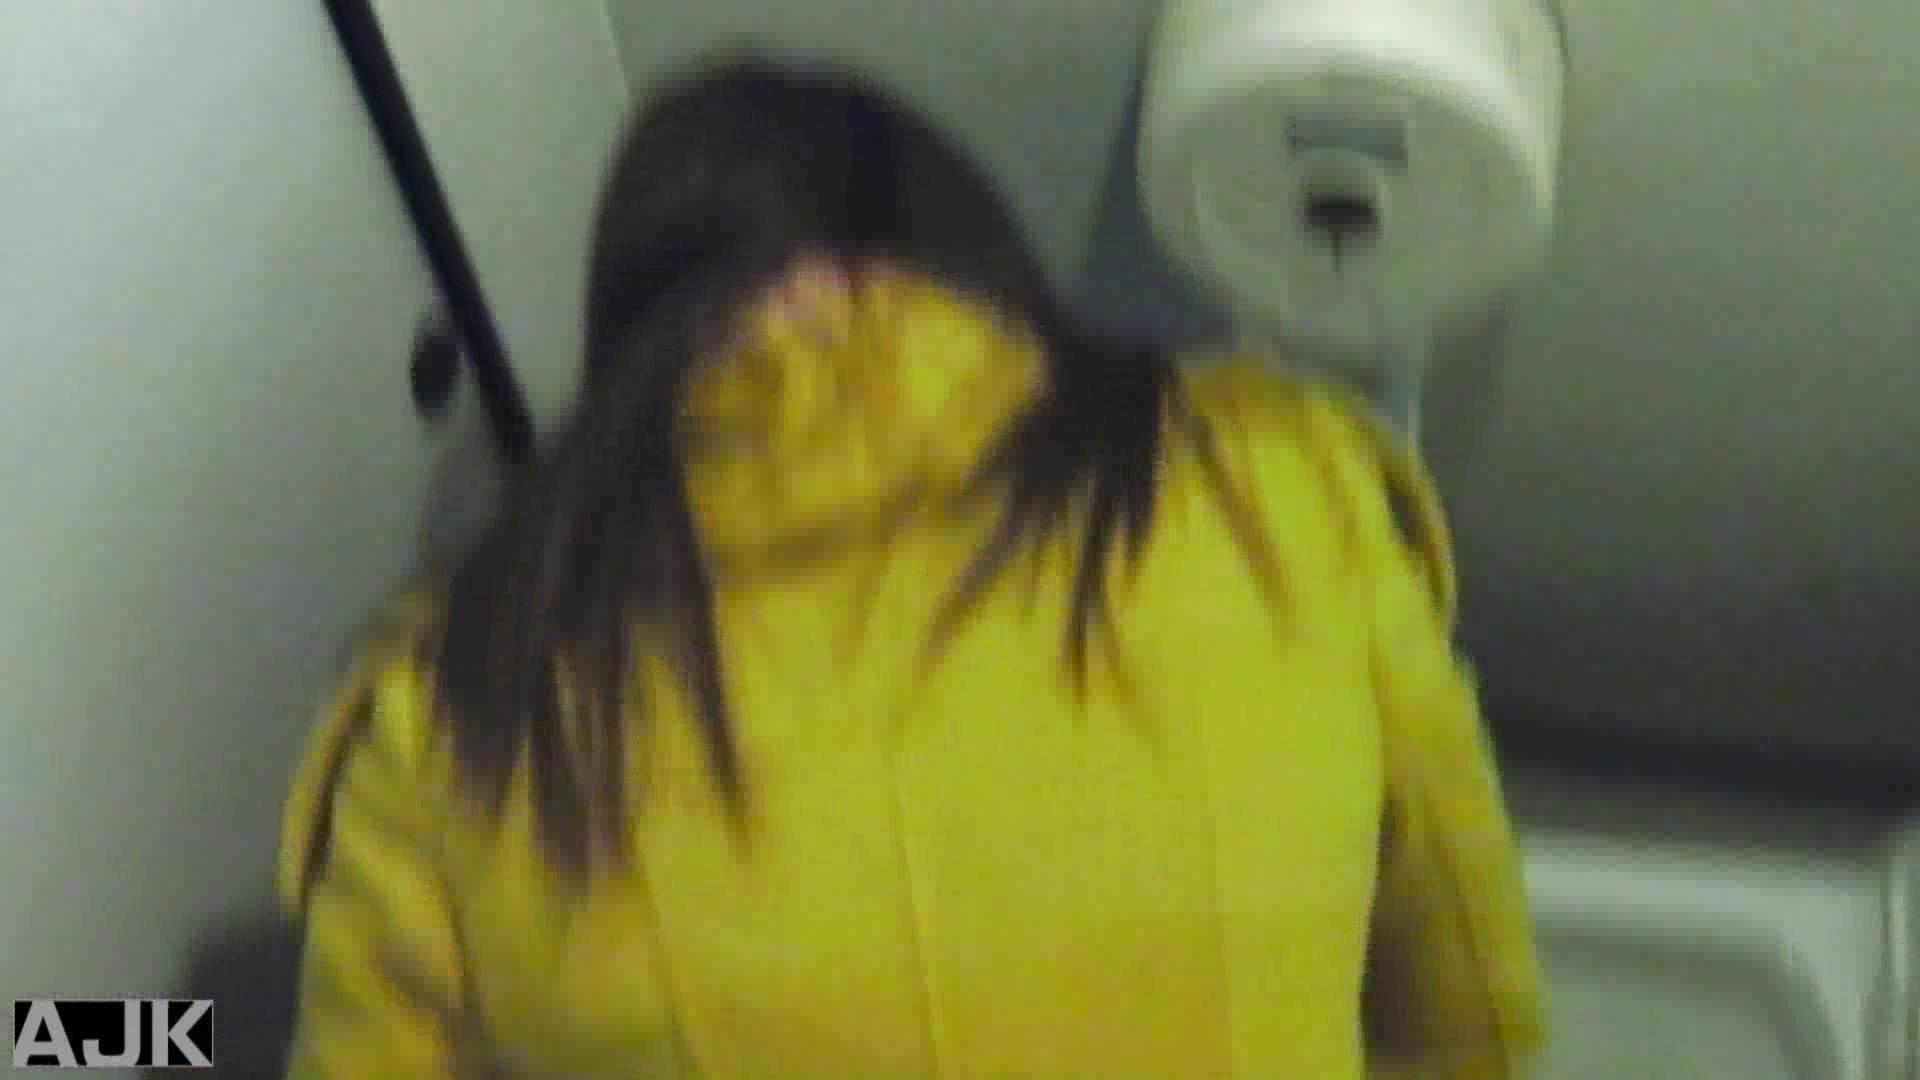 隣国上階級エリアの令嬢たちが集うデパートお手洗い Vol.21 マンコ セックス画像 60画像 37